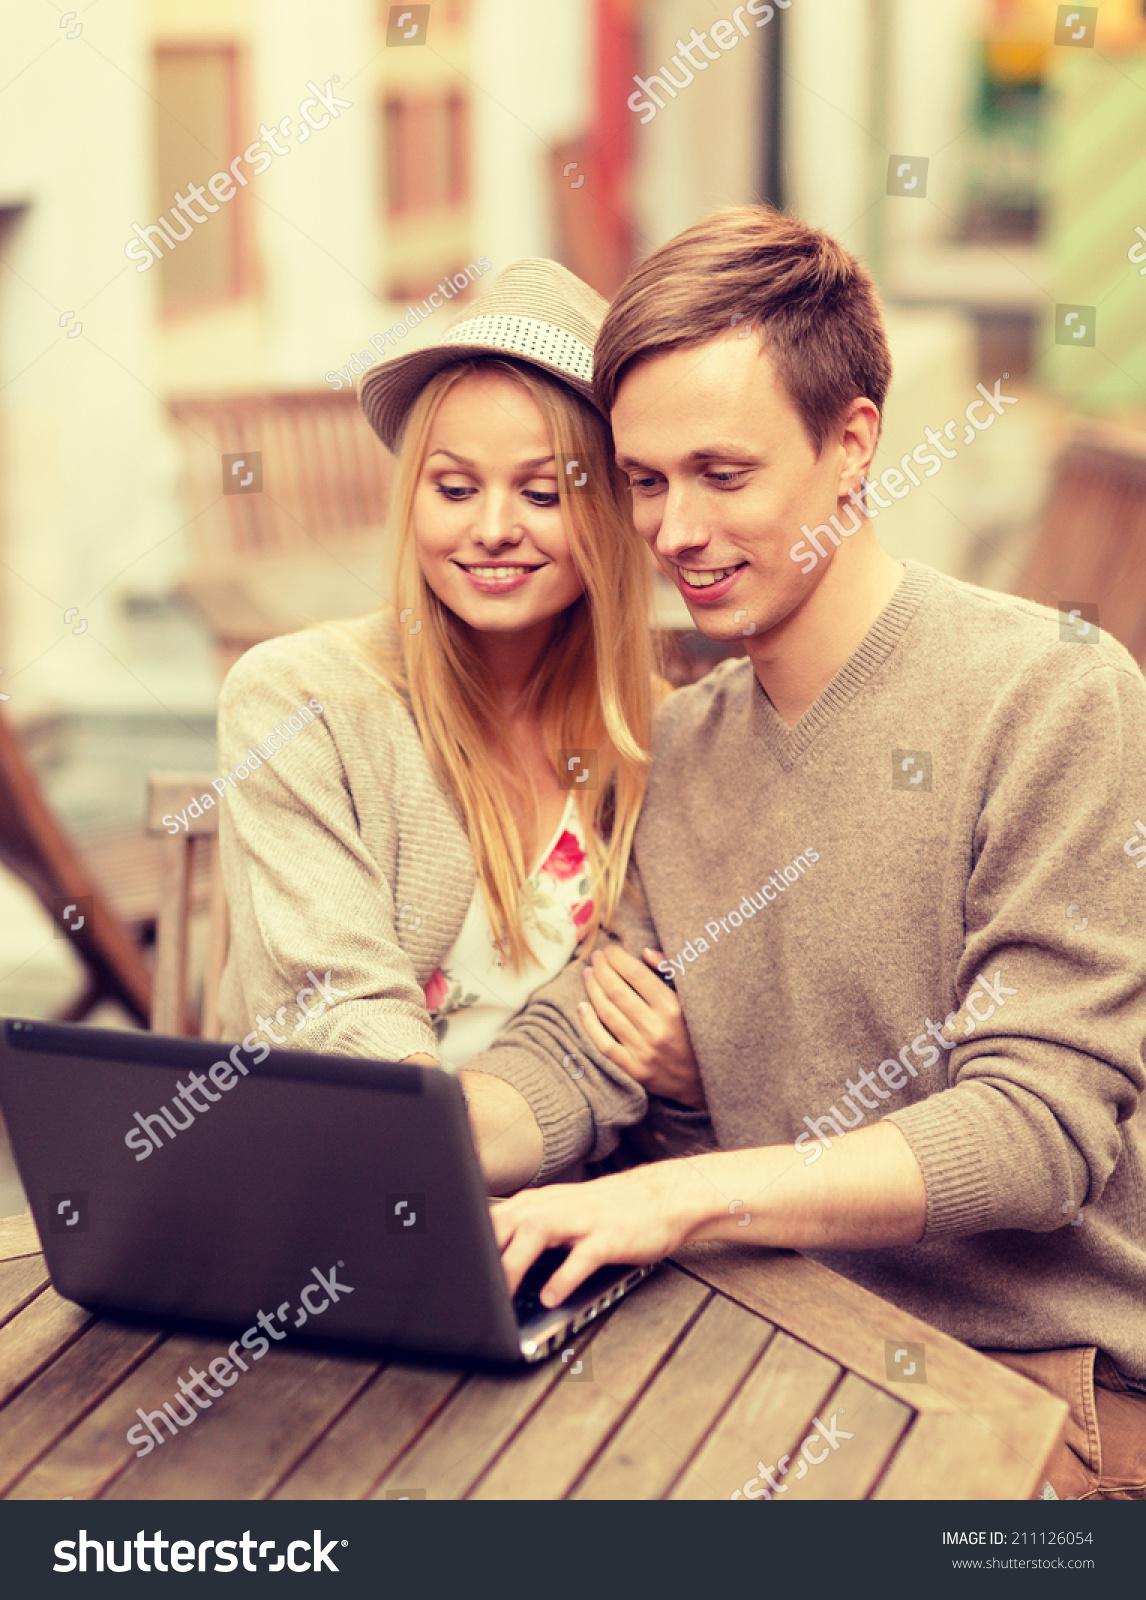 older dating site login